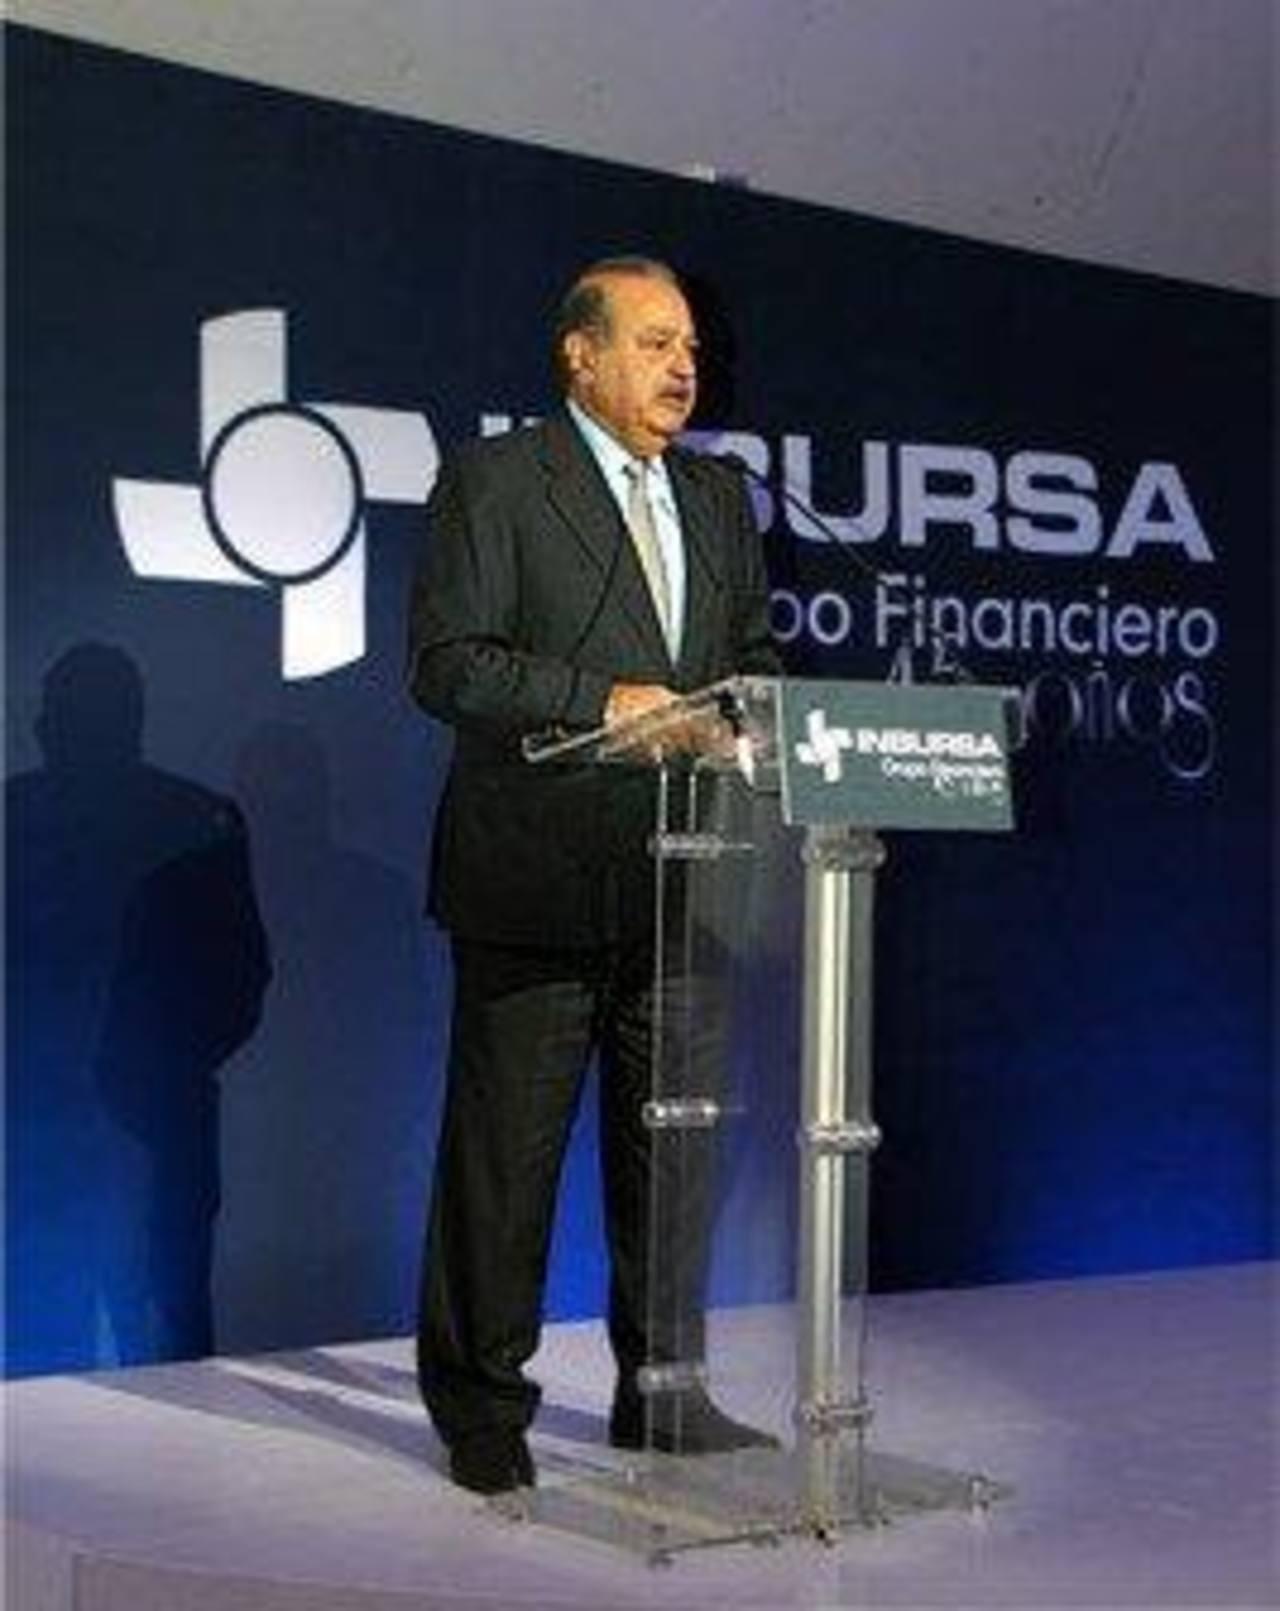 El magnate Carlos Slim tiene luz verde para la compra del Banco Standard de Investimentos en Brasil, con activos netos por unos 45 millones de dólares.